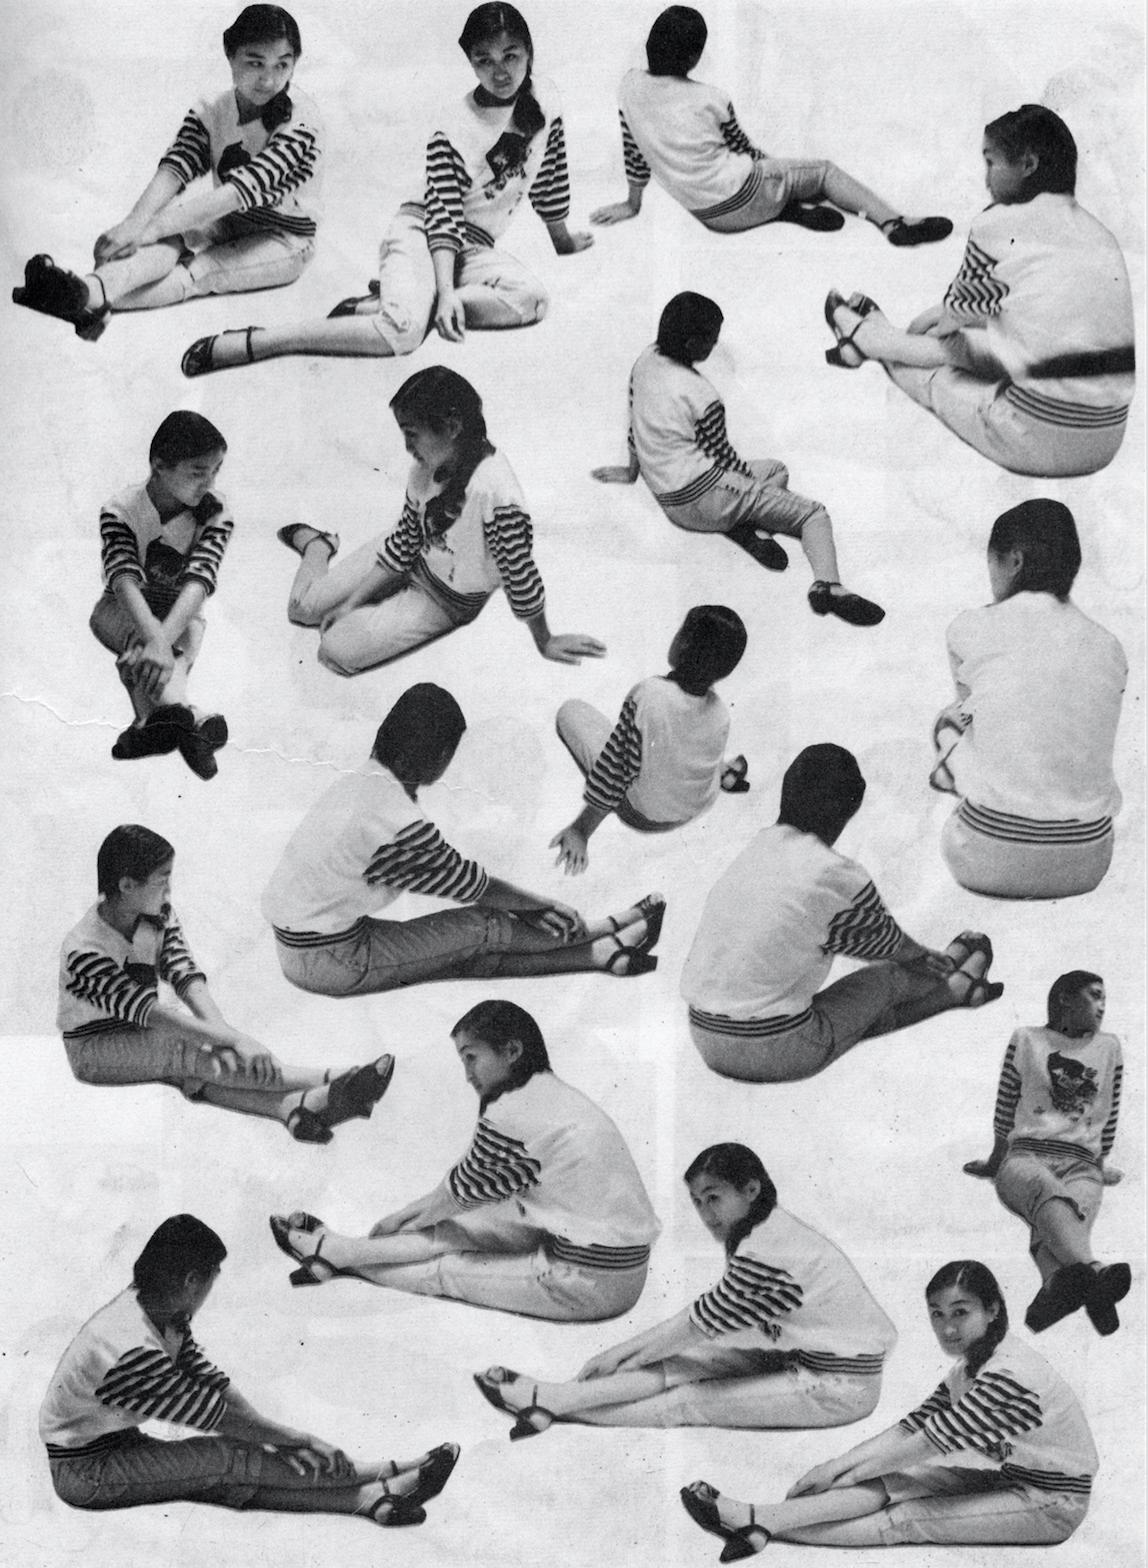 雷磊,《人体动势1700例》,吉林美术出版社,1988年。图片由艺术家提供。